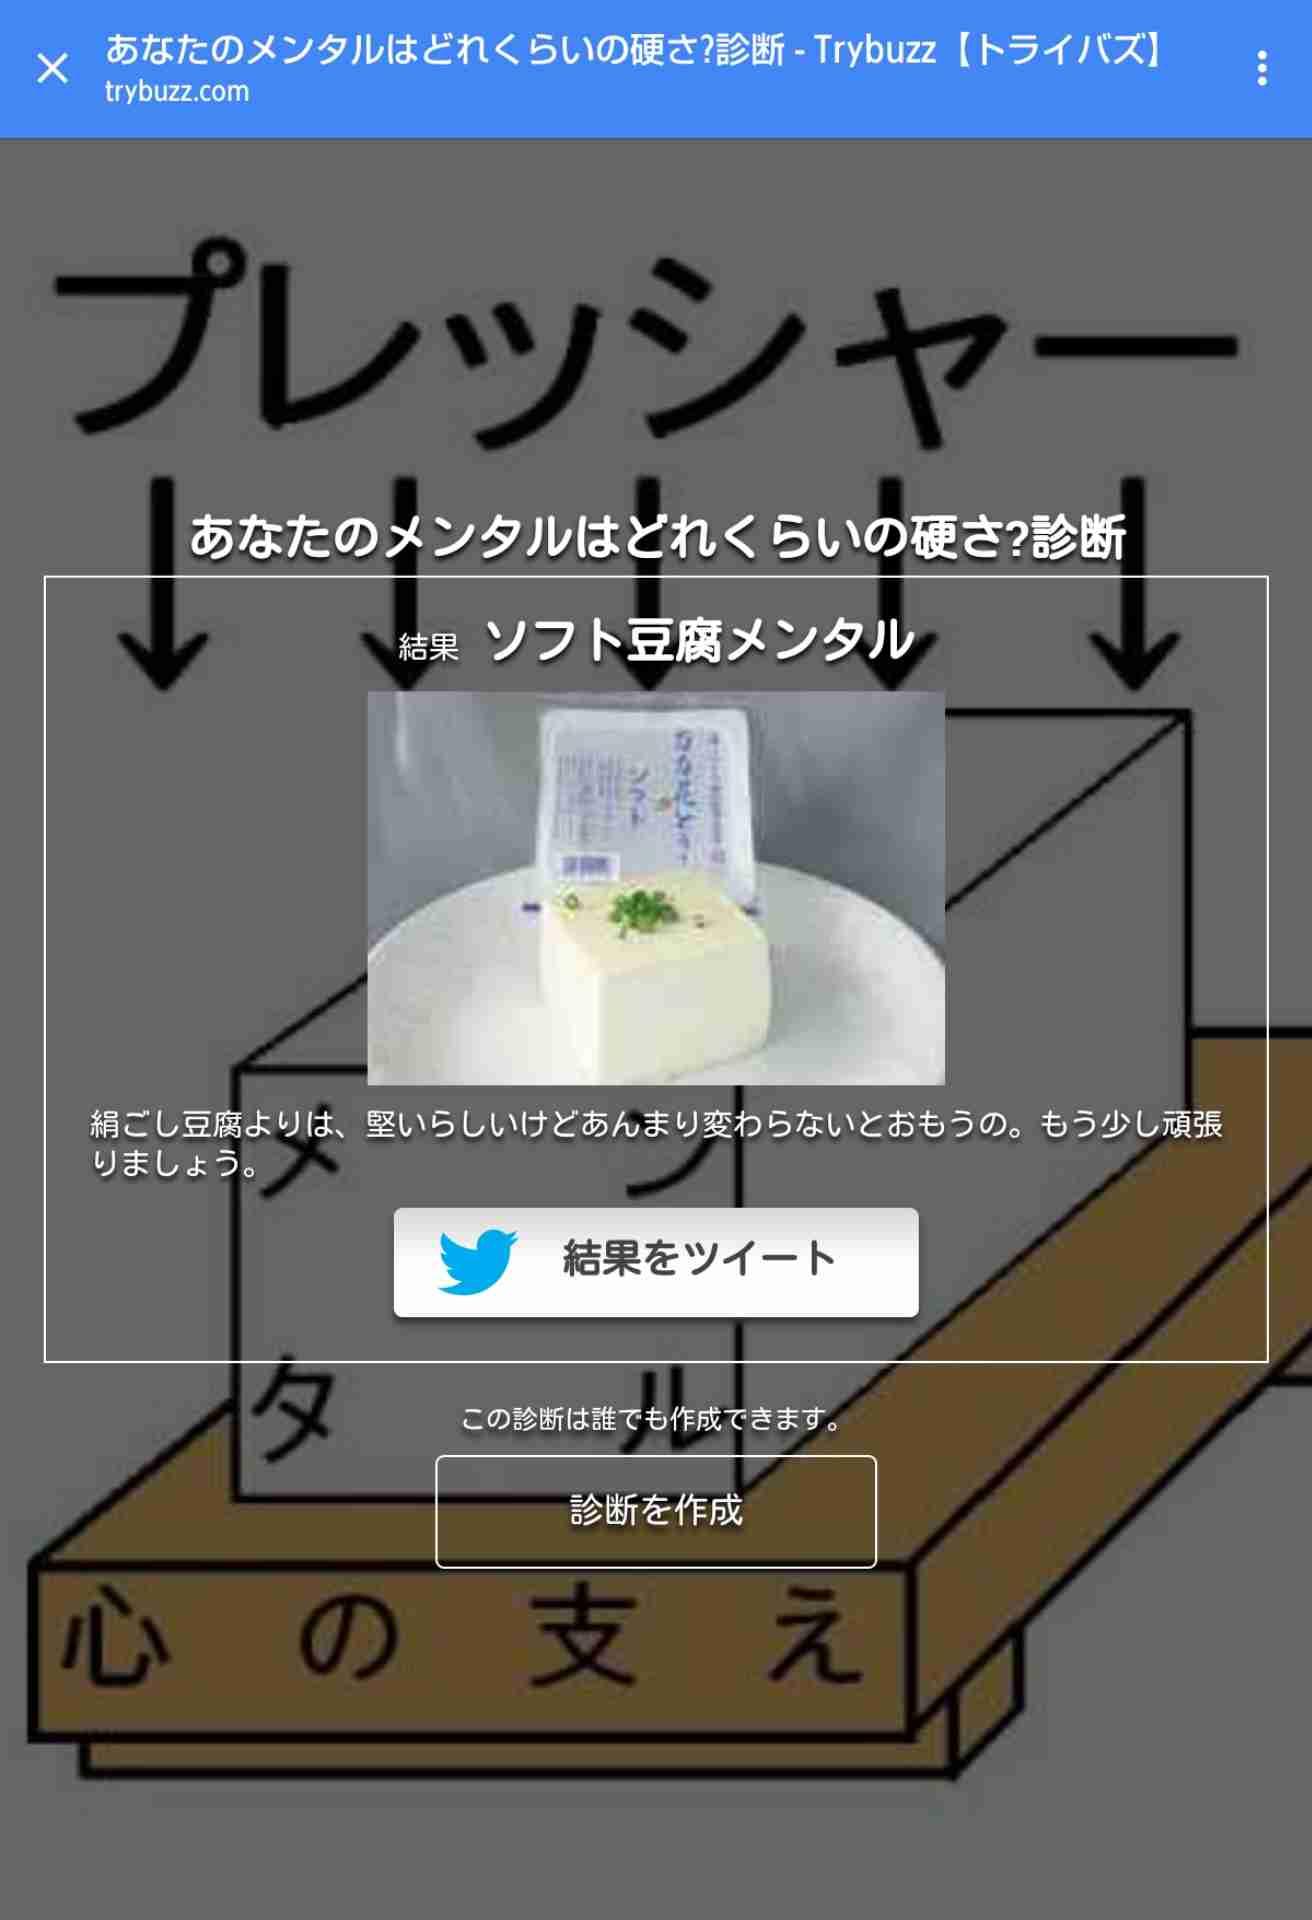 豆腐メンタルあるある